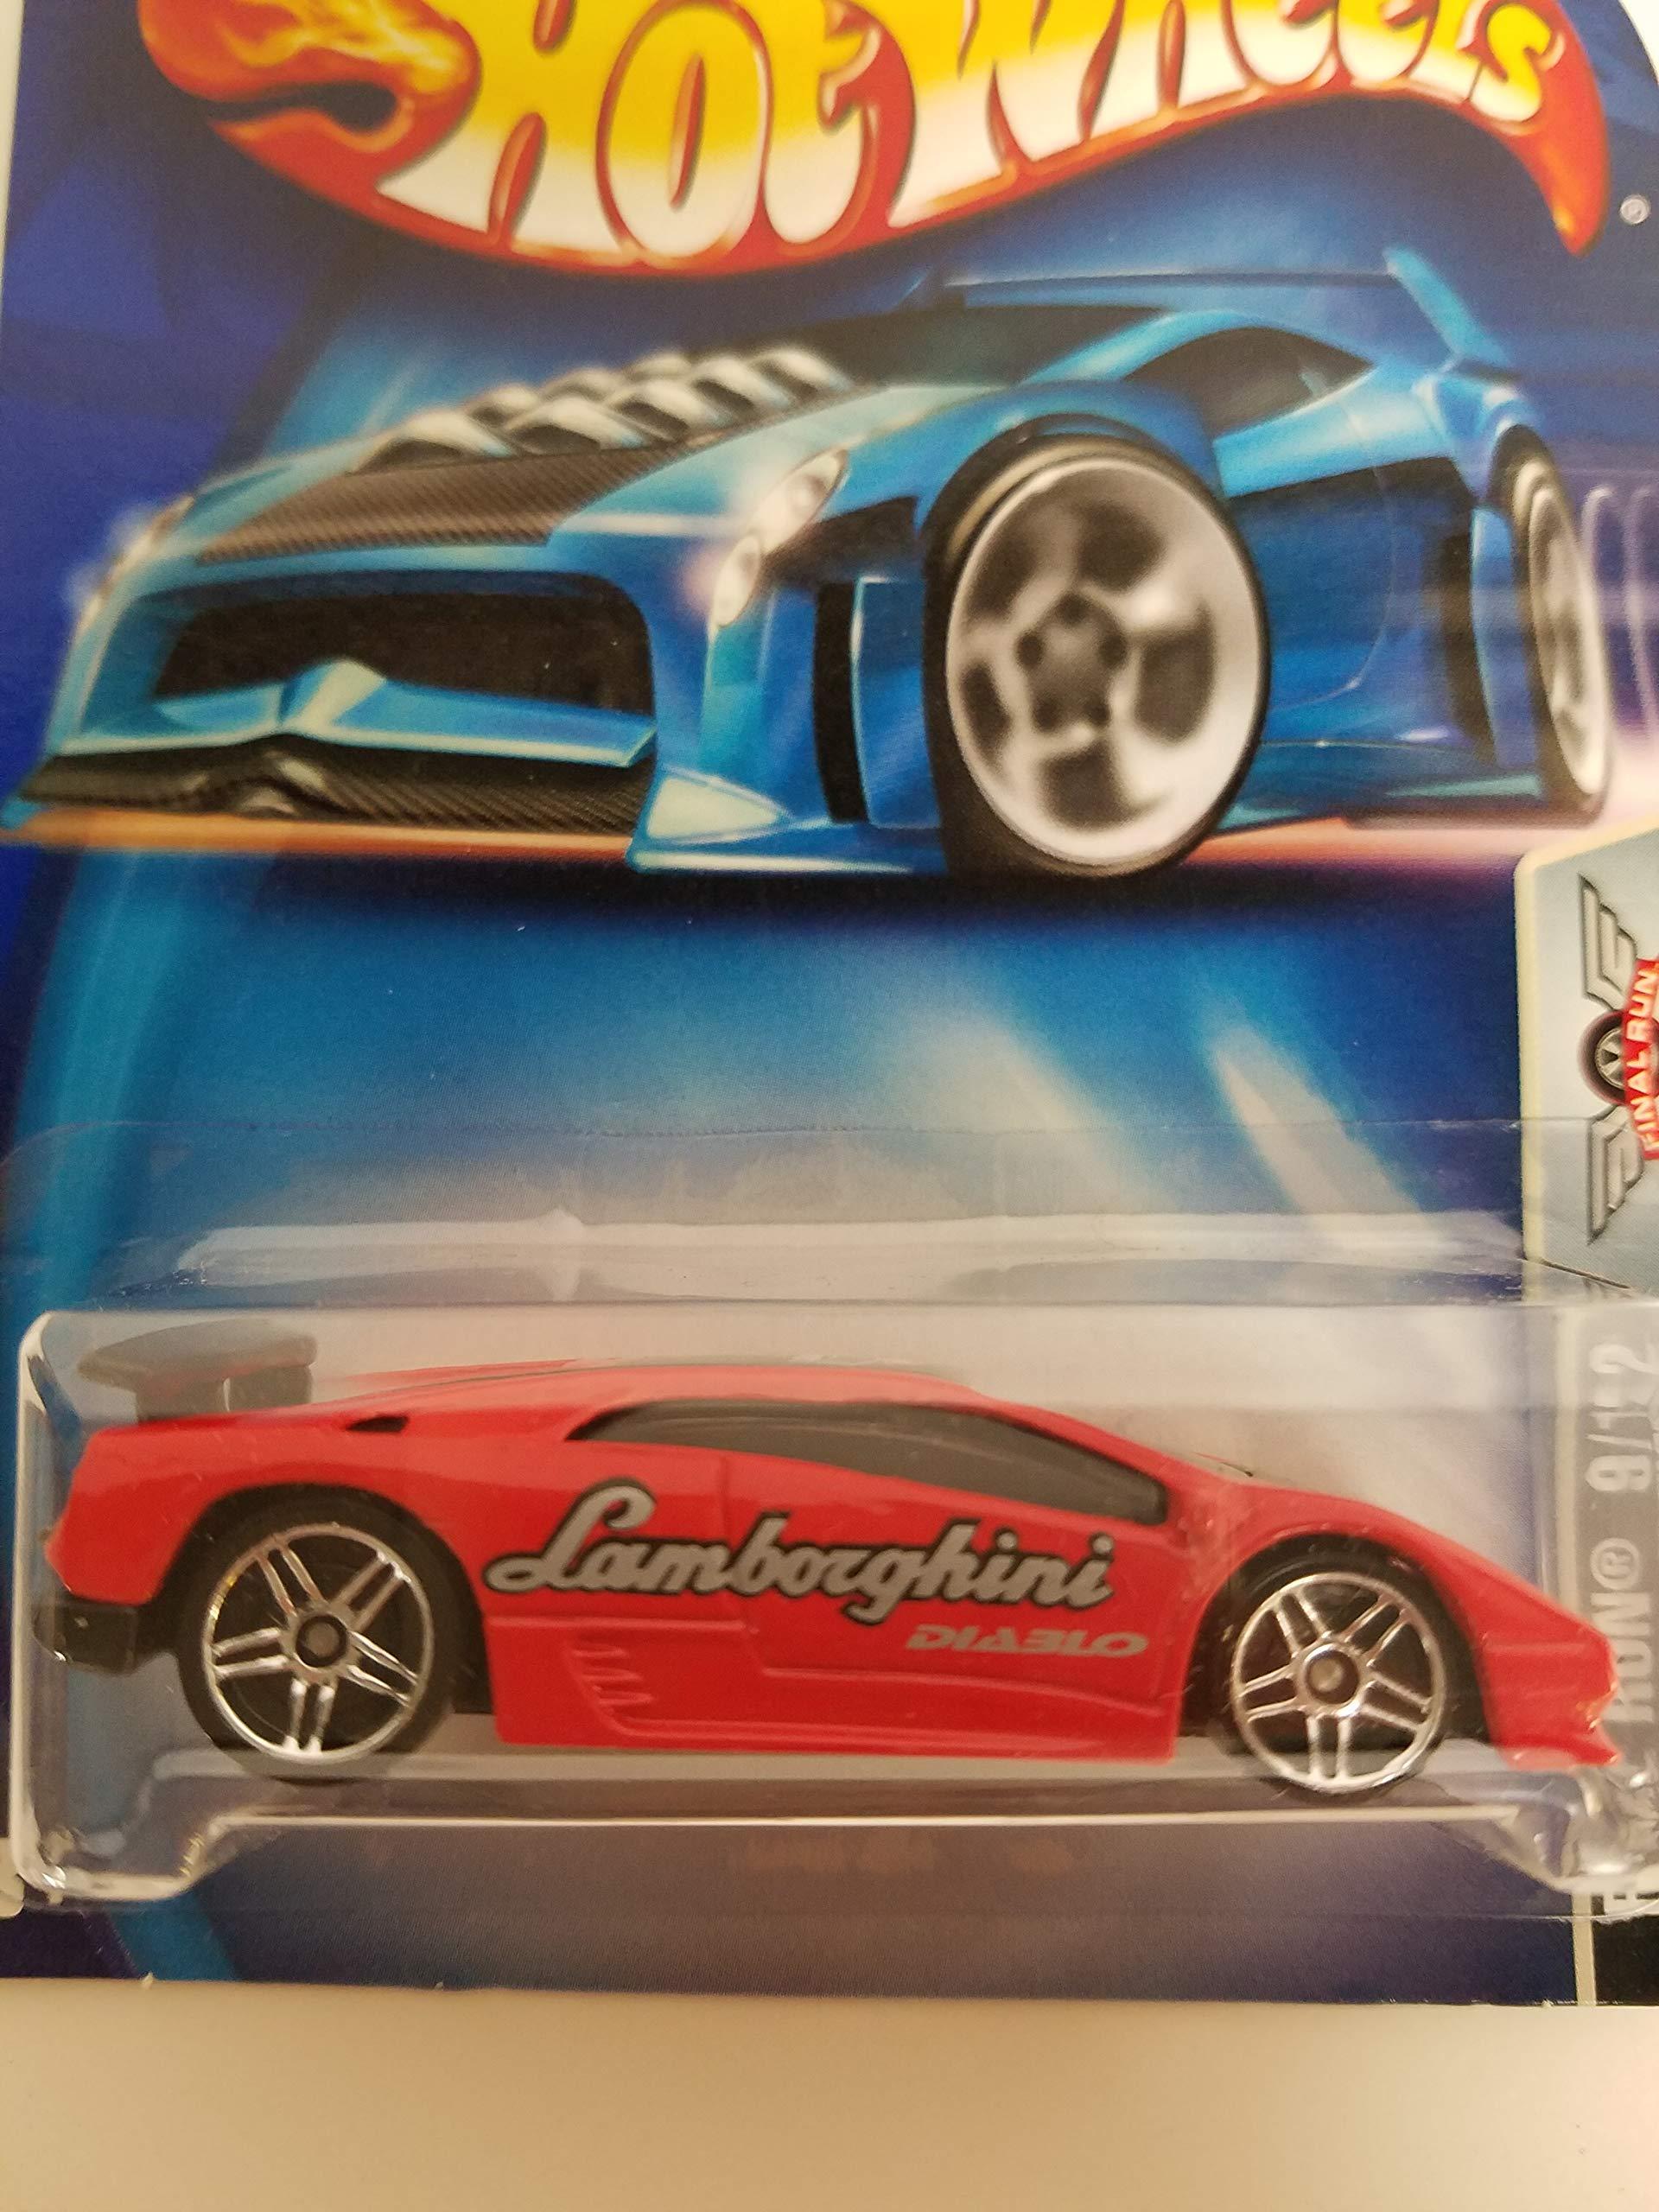 Lamborghini Diablo Final Run 9/12 2003 Hot Wheels diecast car No. 203